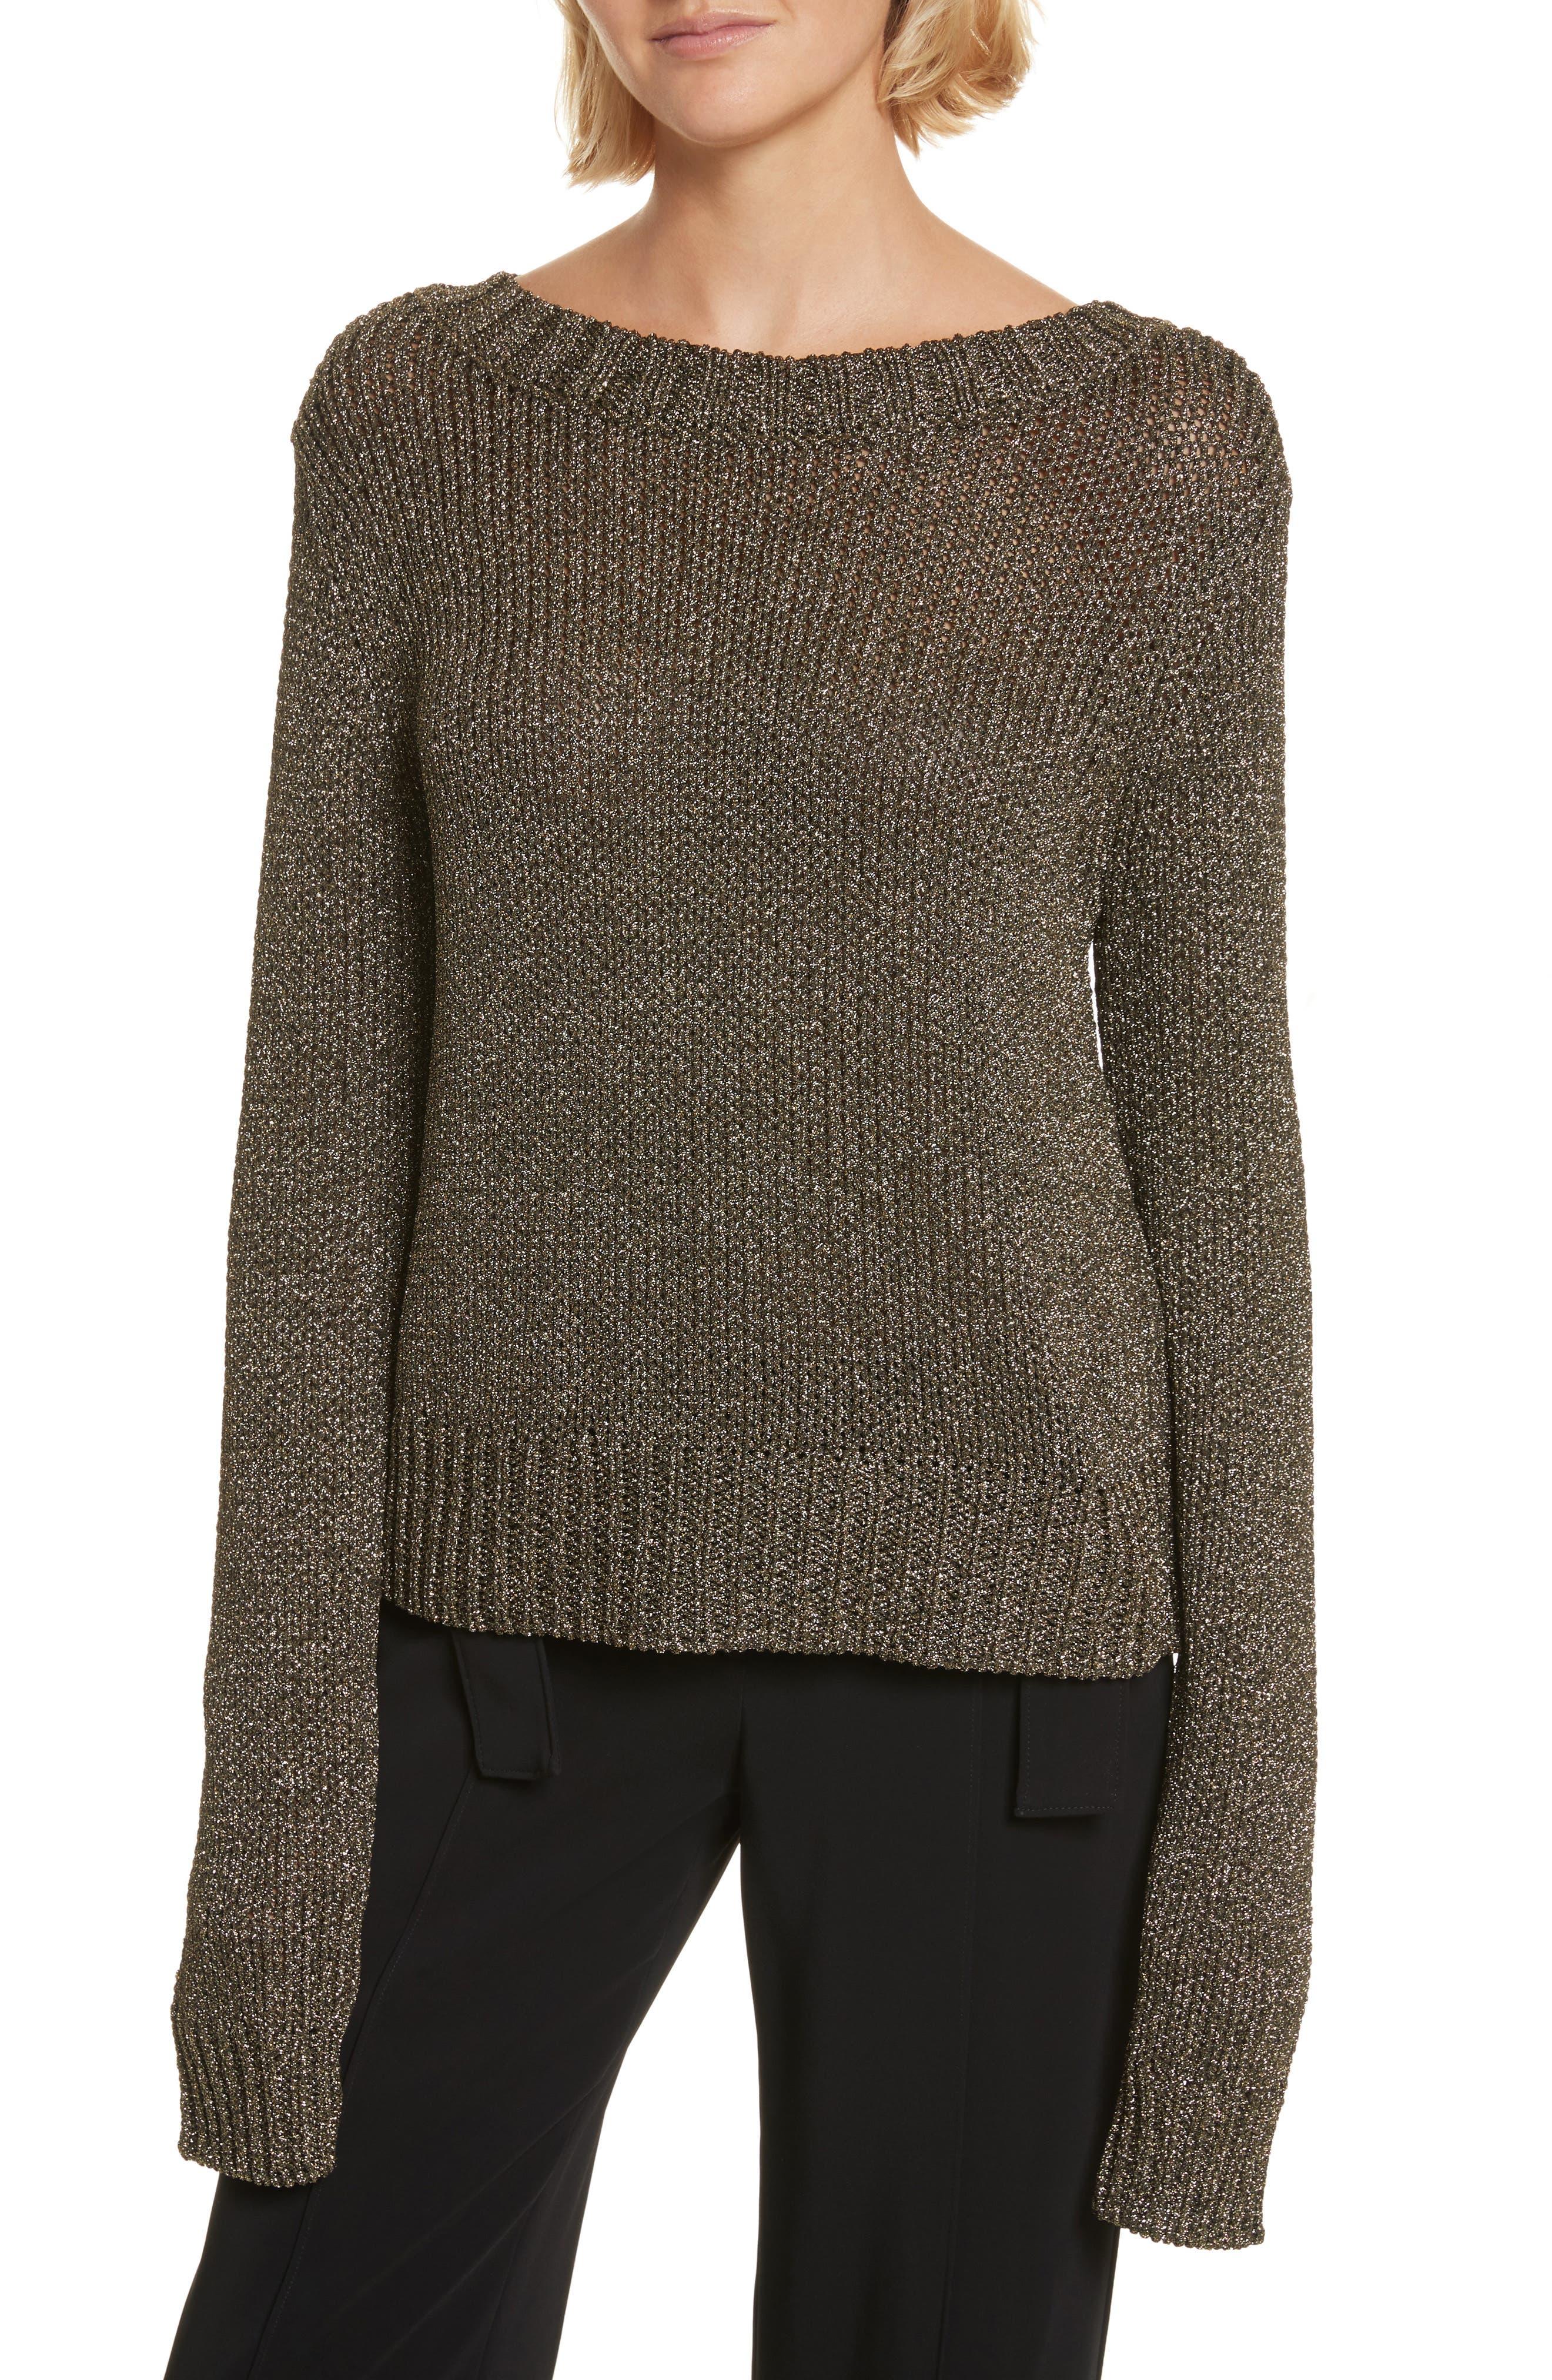 A.L.C. Marjorie Lace-Up Back Sweater